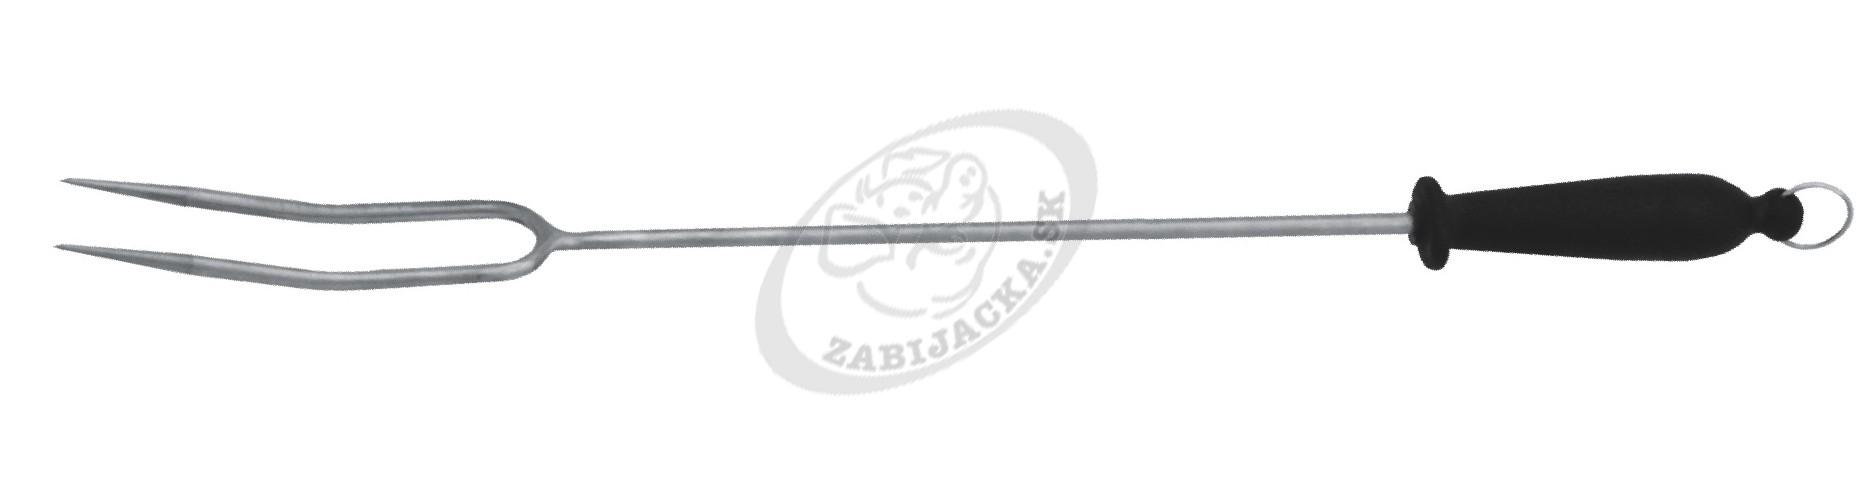 Vidlička mäsiarska 69 cm